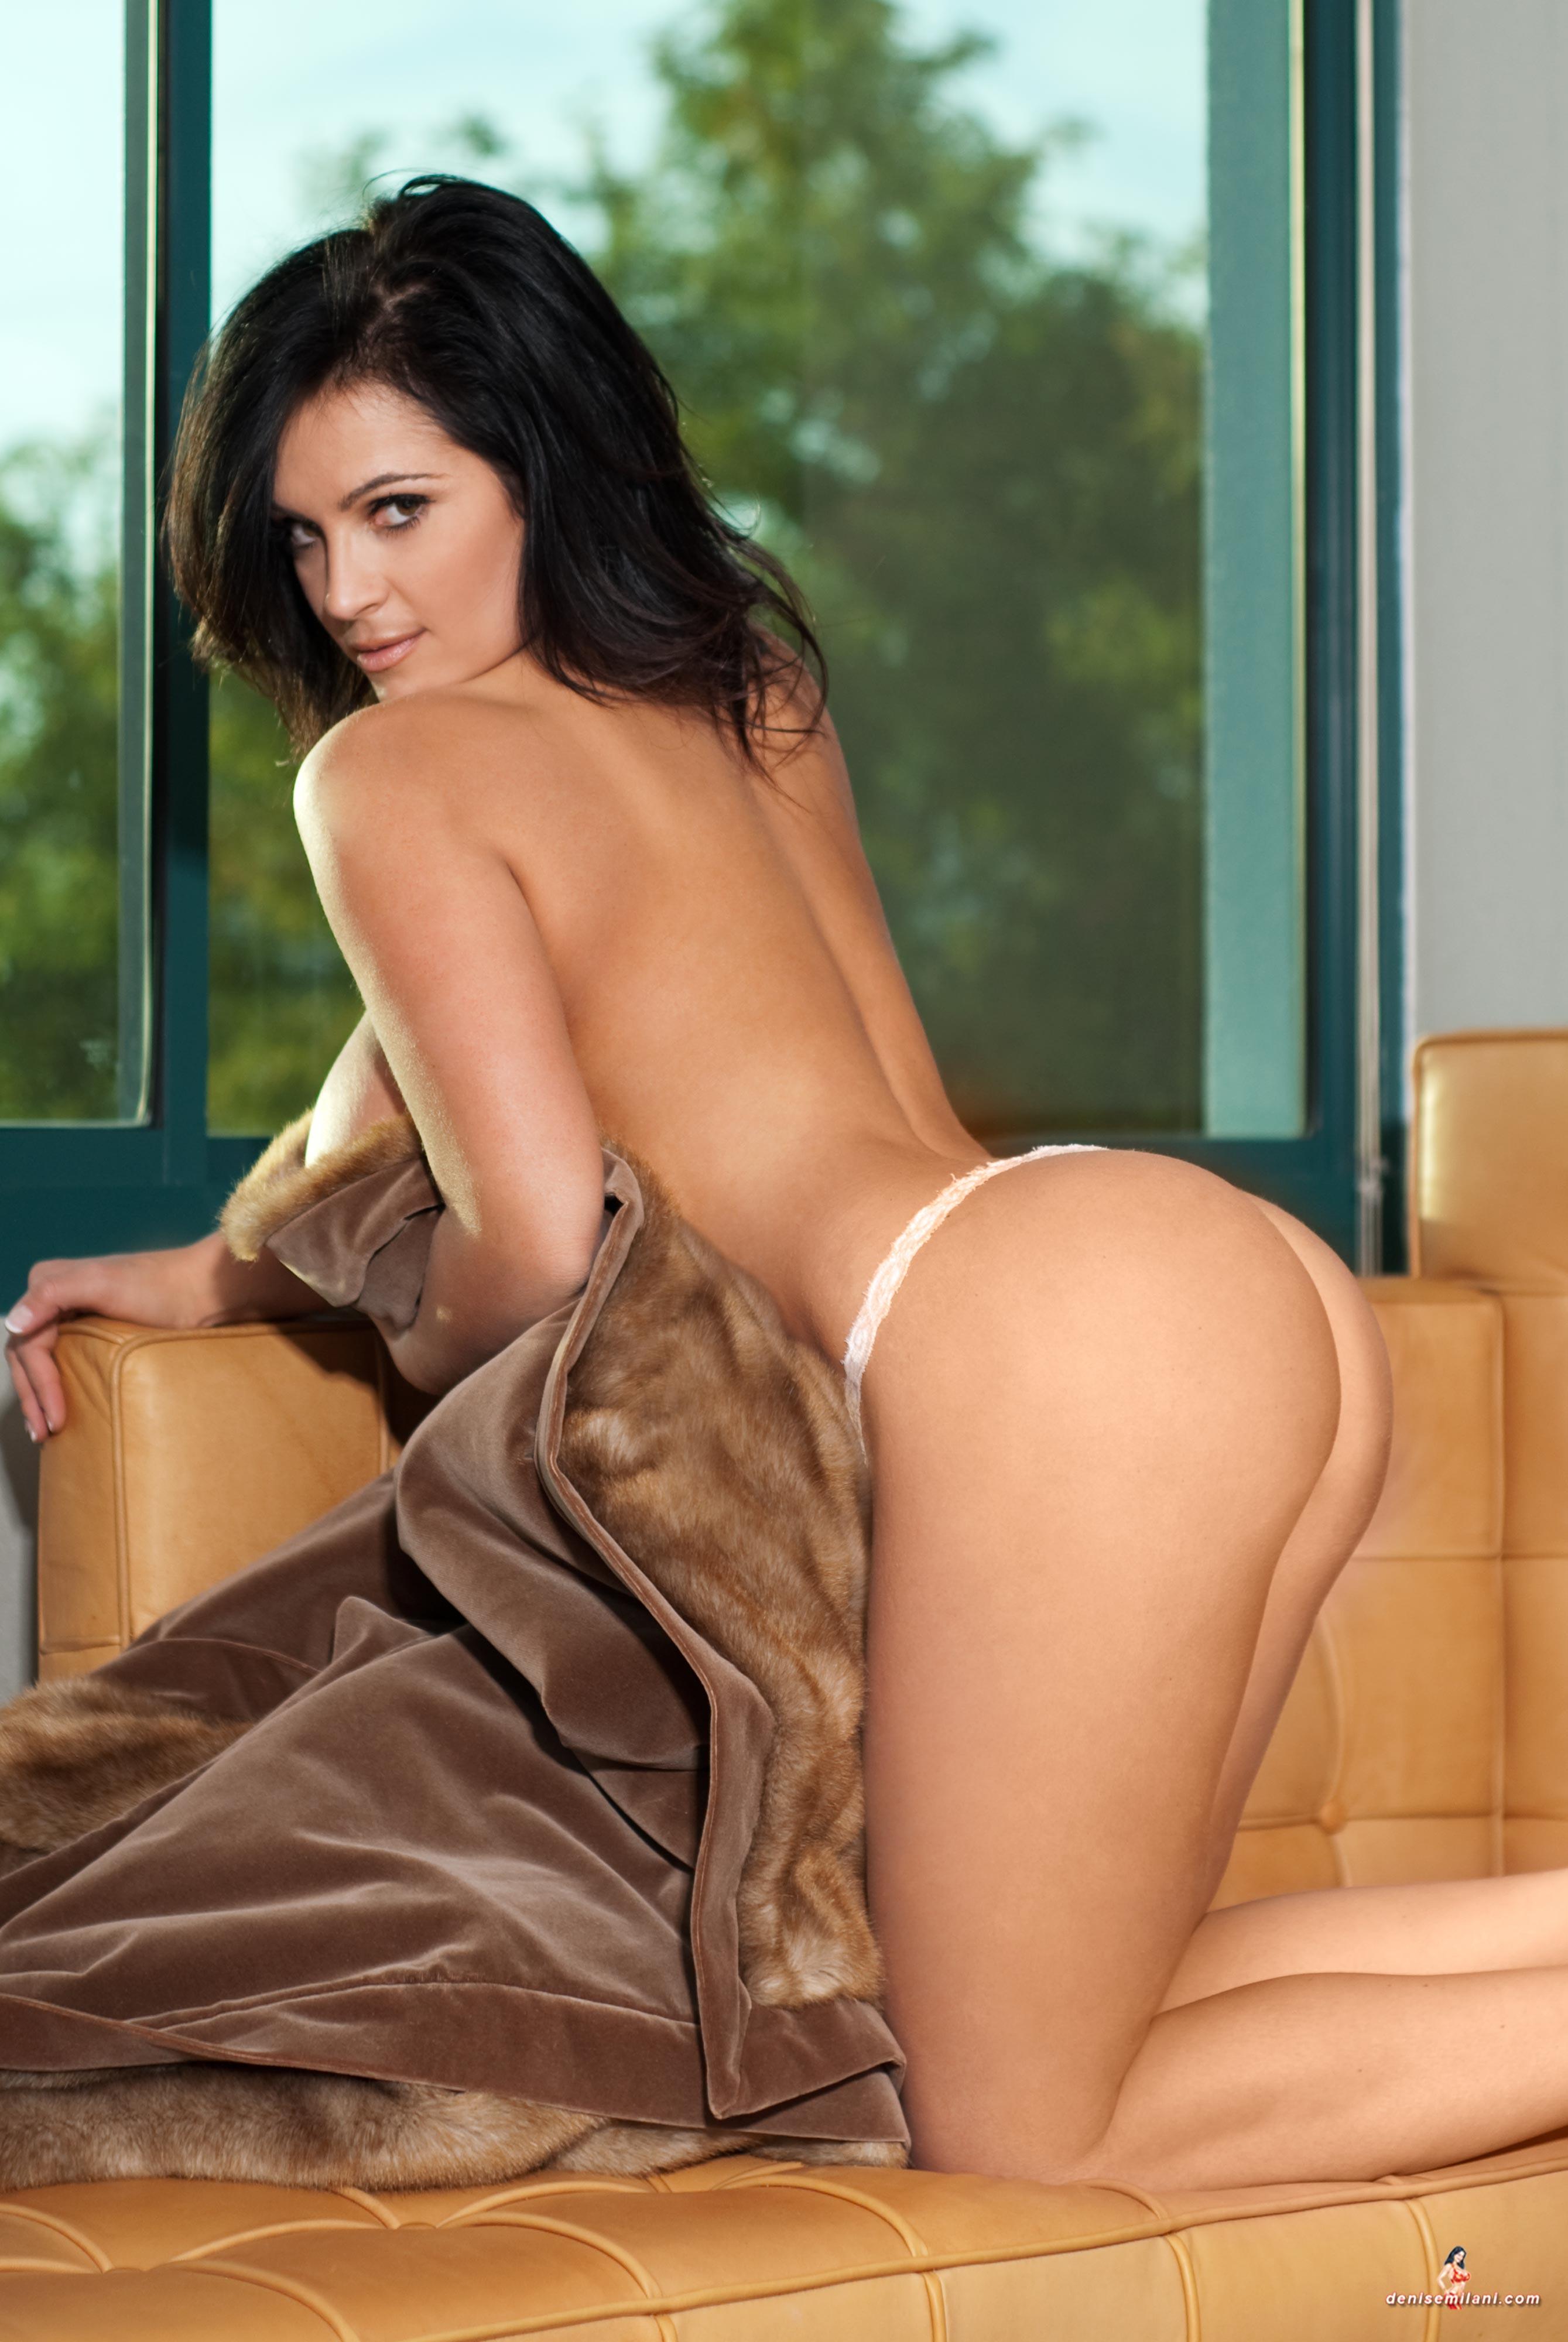 Hot nude denise milani